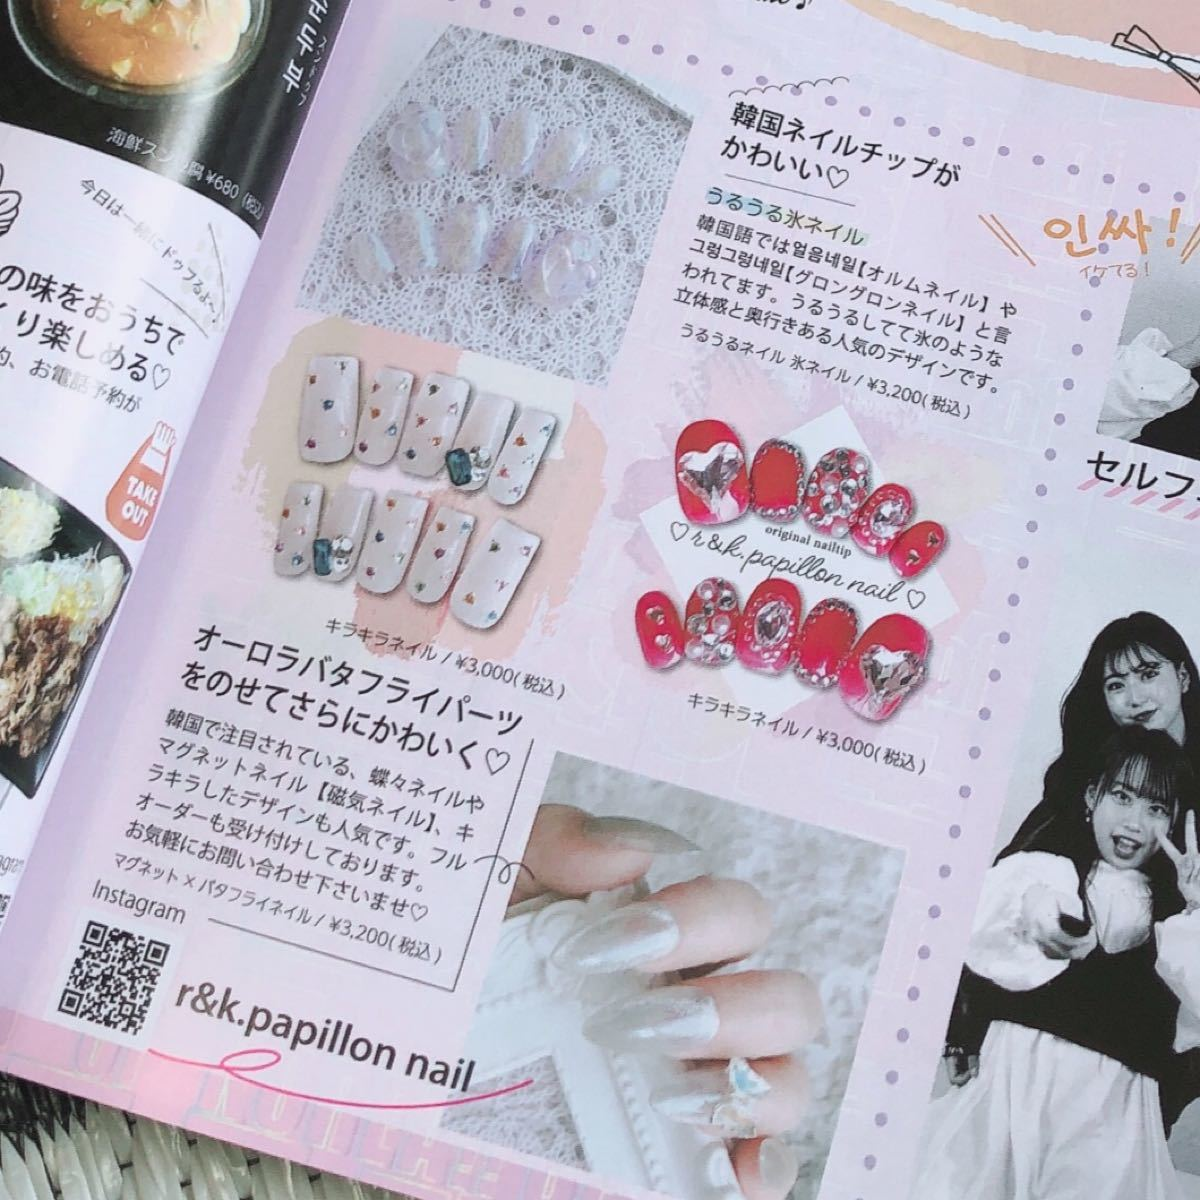 ネイルチップ キラキラネイル 韓国ネイル 雑誌搭載ネイルチップ